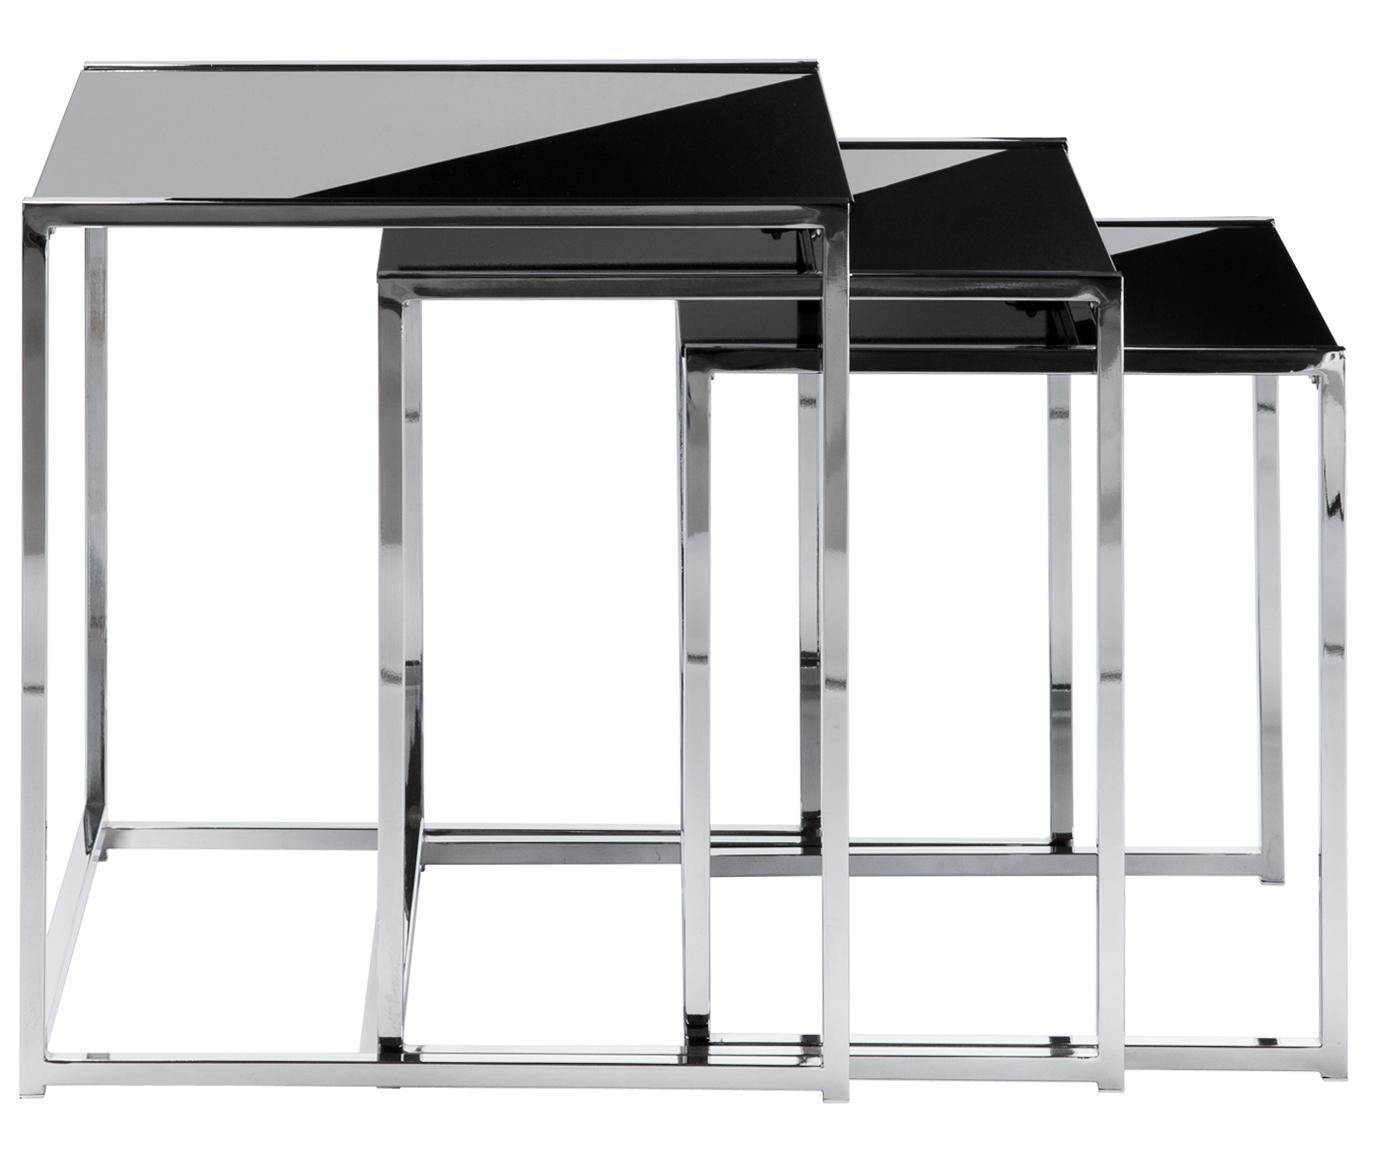 Beistelltisch 3er-Set Cleo mit Glasplatte, Gestell: Metall, verchromt, Tischplatte: Sicherheitsglas, Schwarz, Silber, Verschiedene Grössen